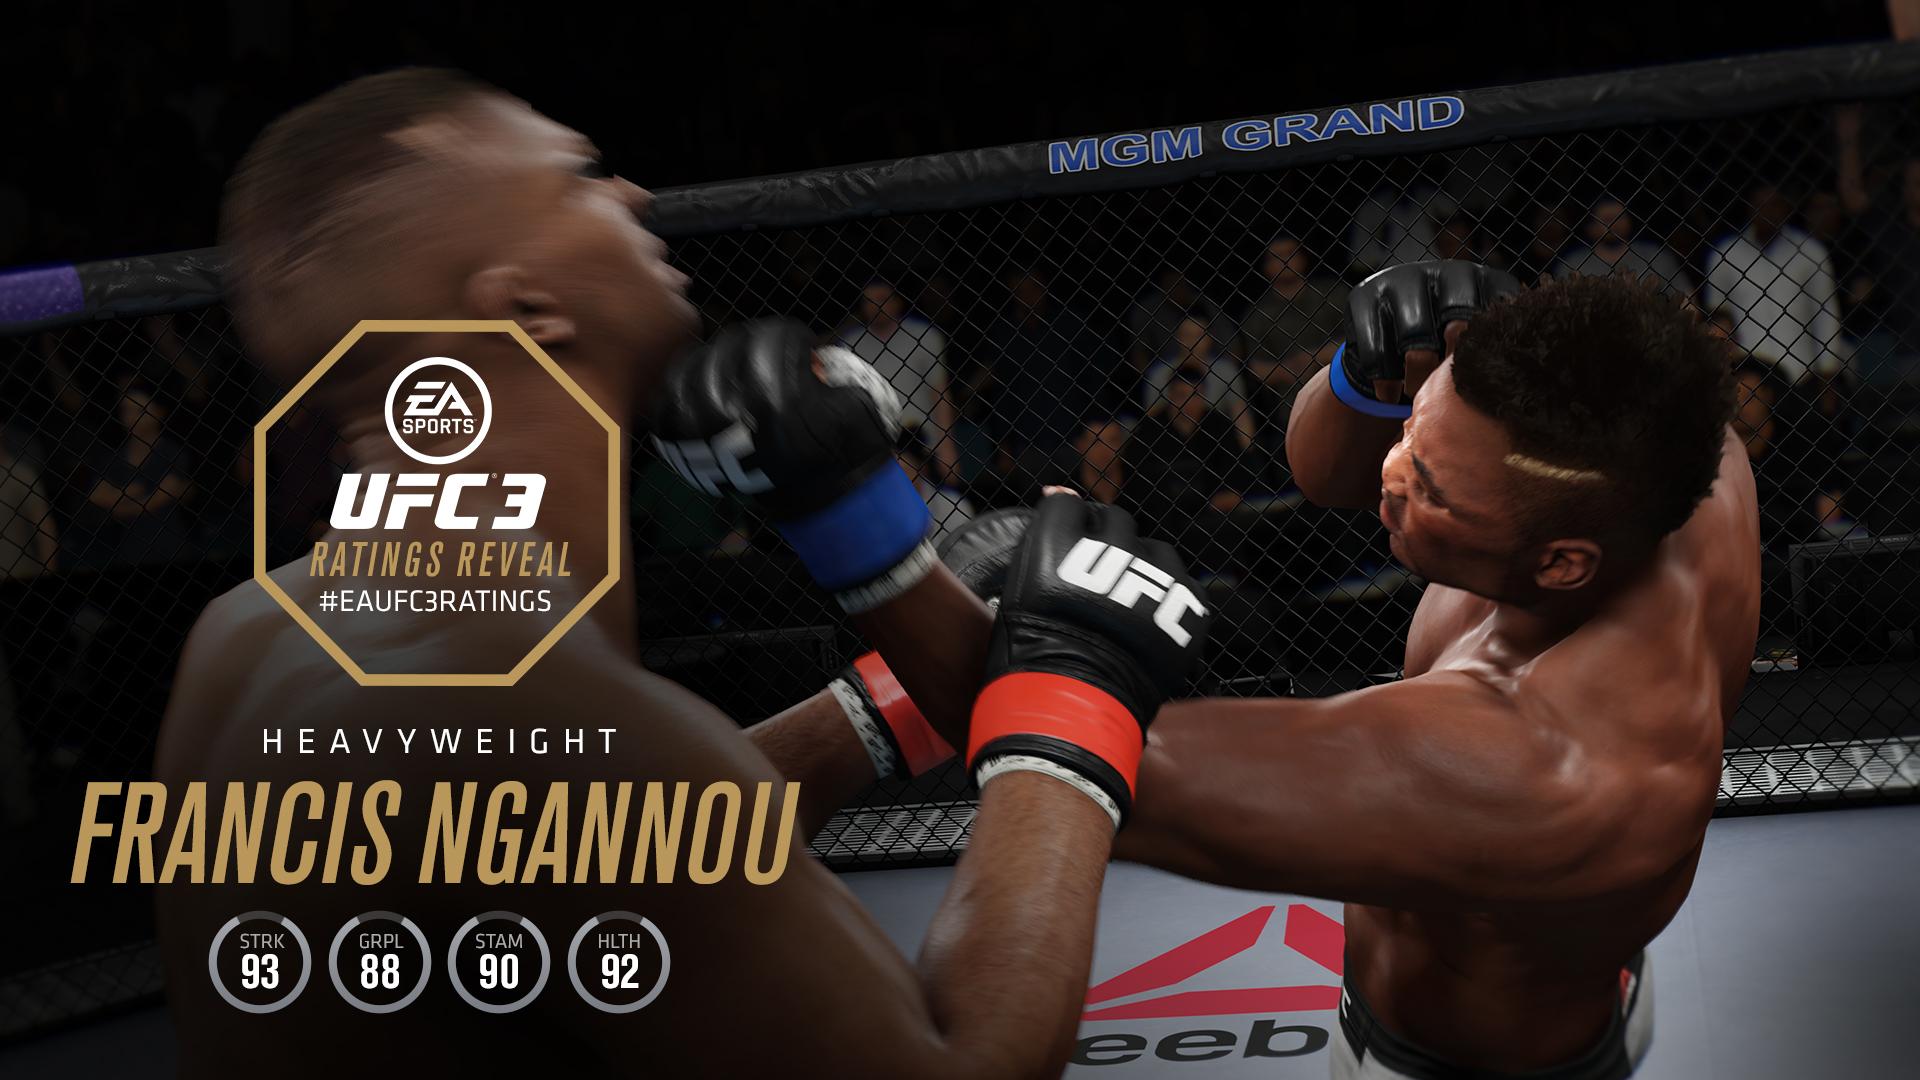 FrancisNgannou_Heavyweight_1920x1080